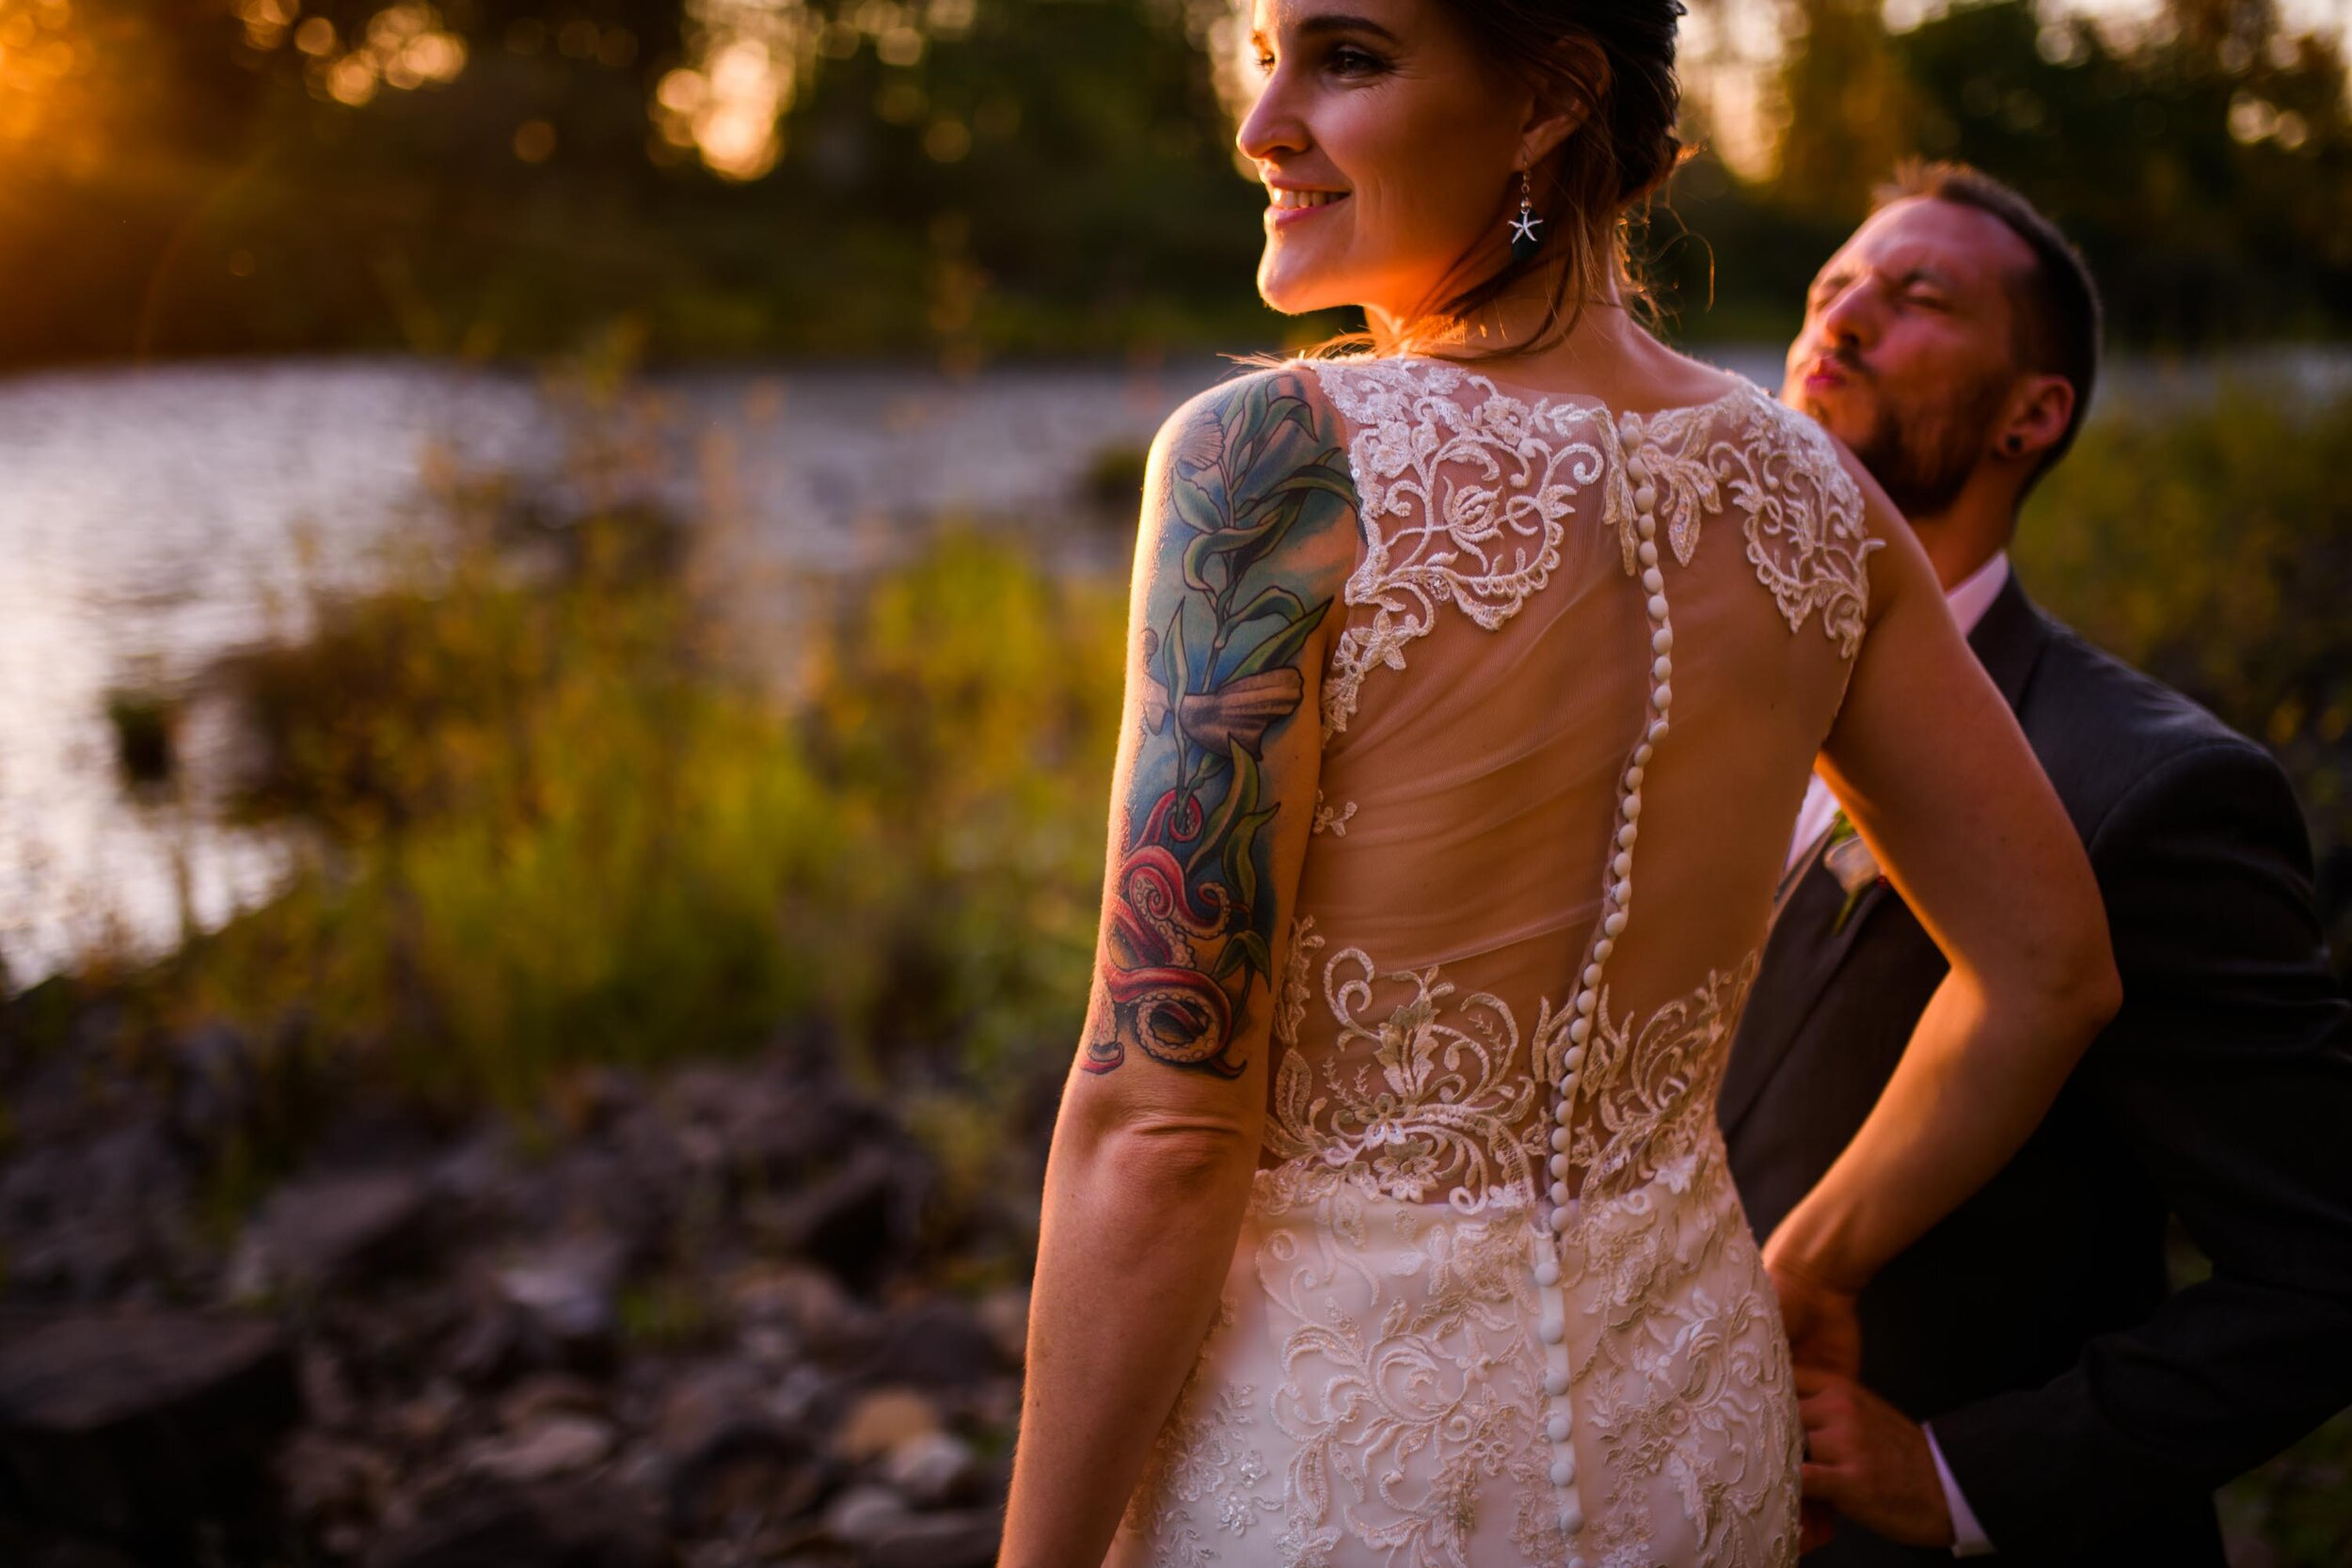 Mt. Pisgah Arboretum wedding photos 119.JPG